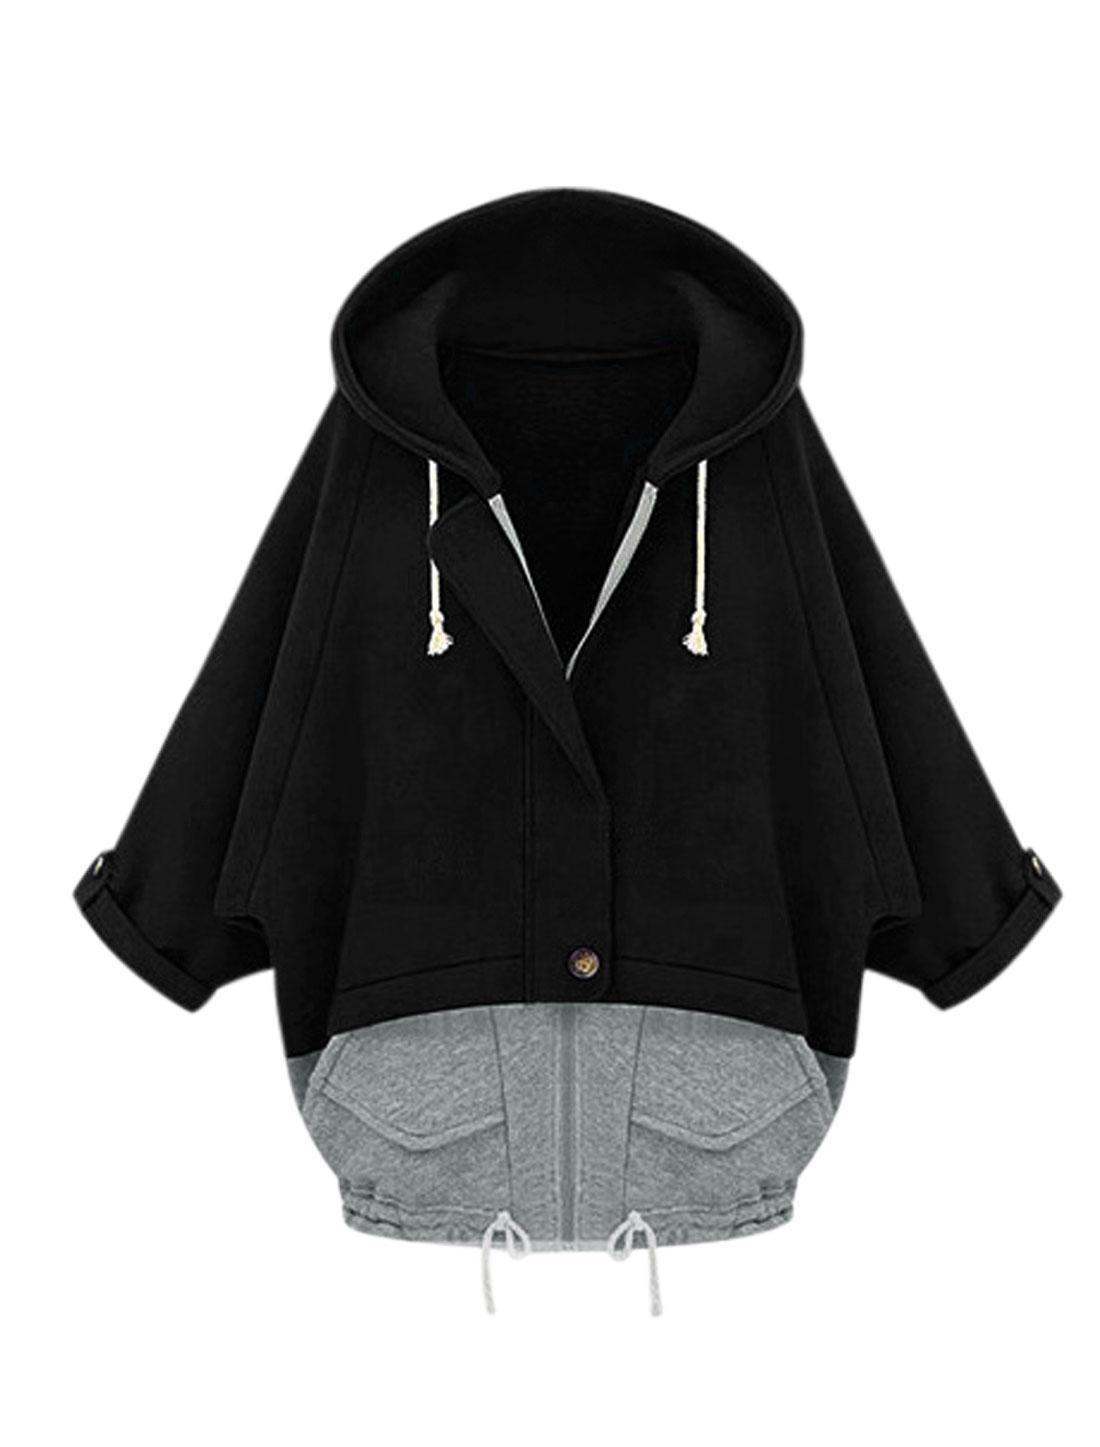 Lady Hooded Batwing Sleeve Zip Closure Color Block Sweatshirt Black Gray S